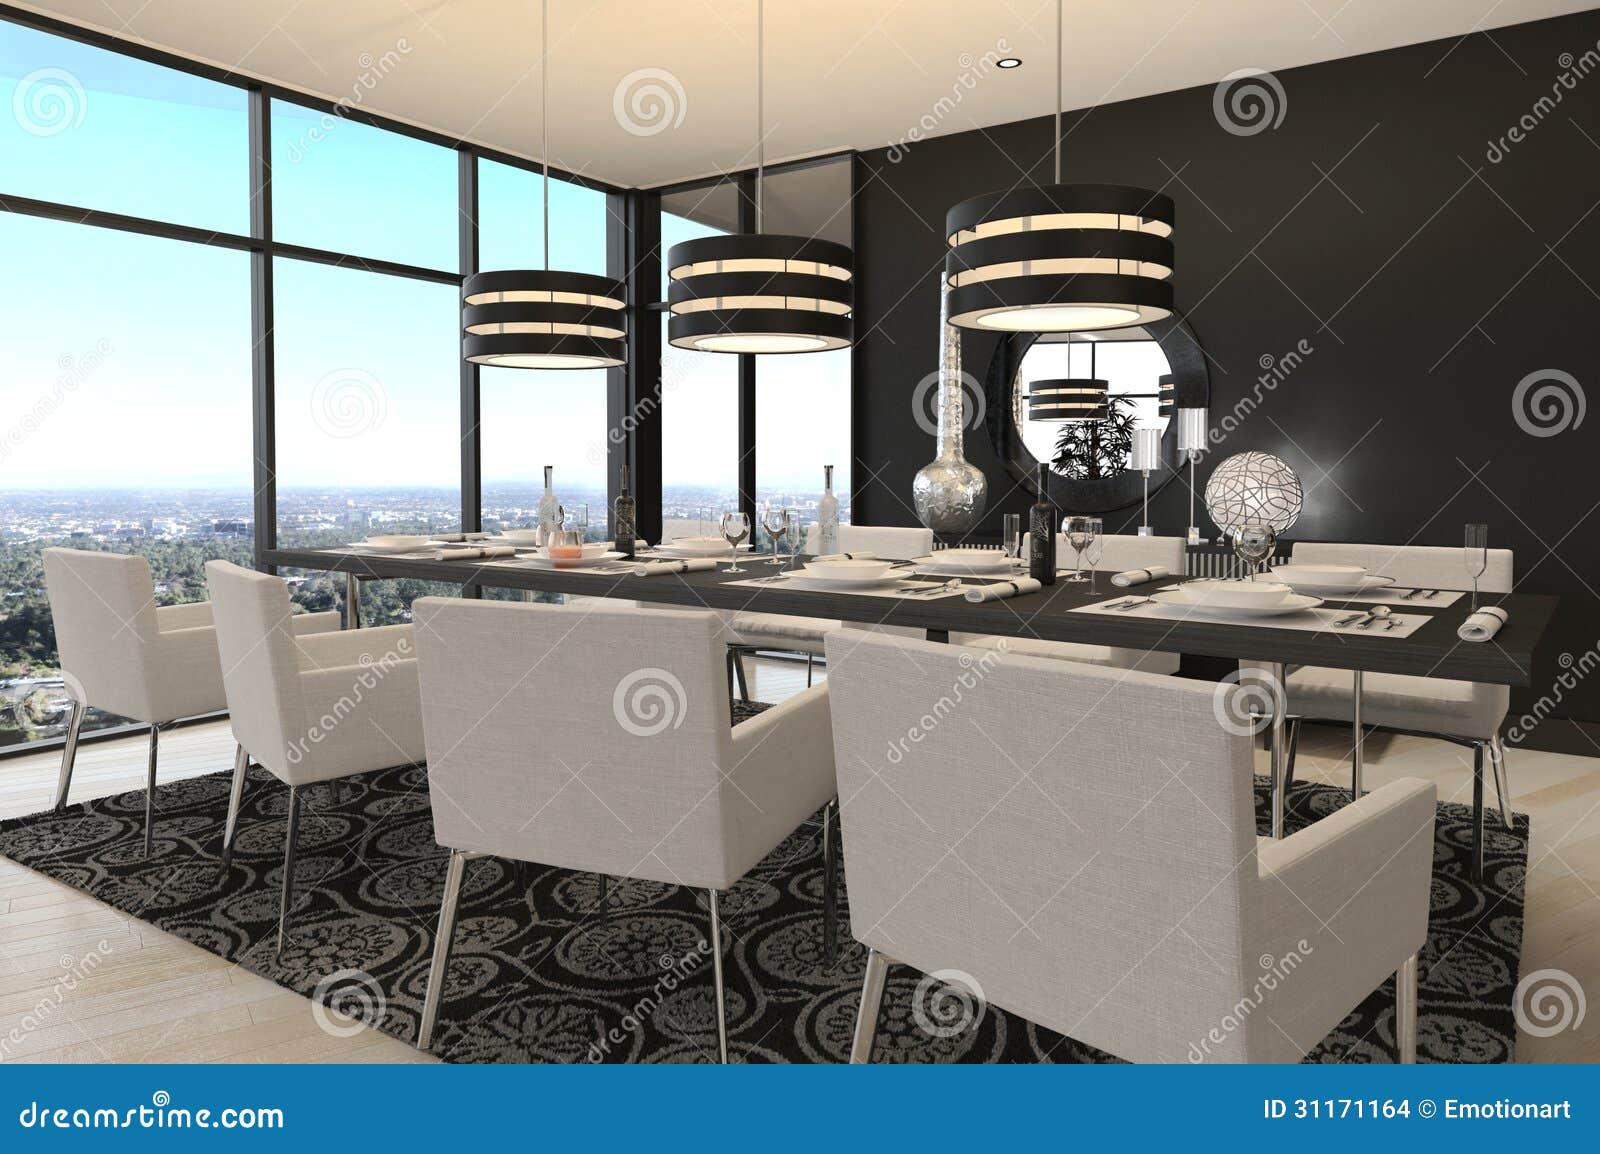 Comedor Del Diseño Moderno | Interior De La Sala De Estar Stock de ...